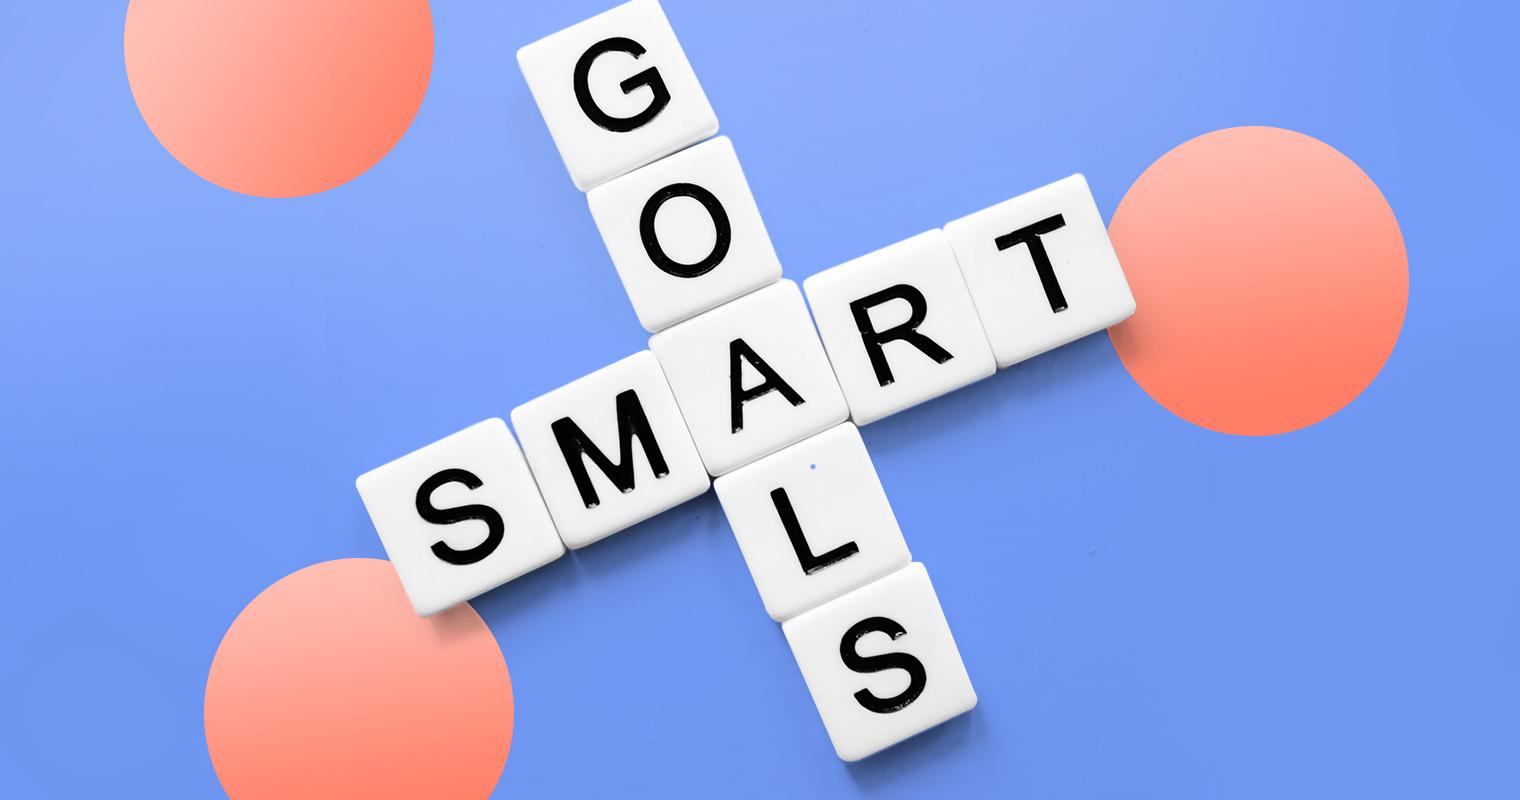 Set Small But Achievable Goals